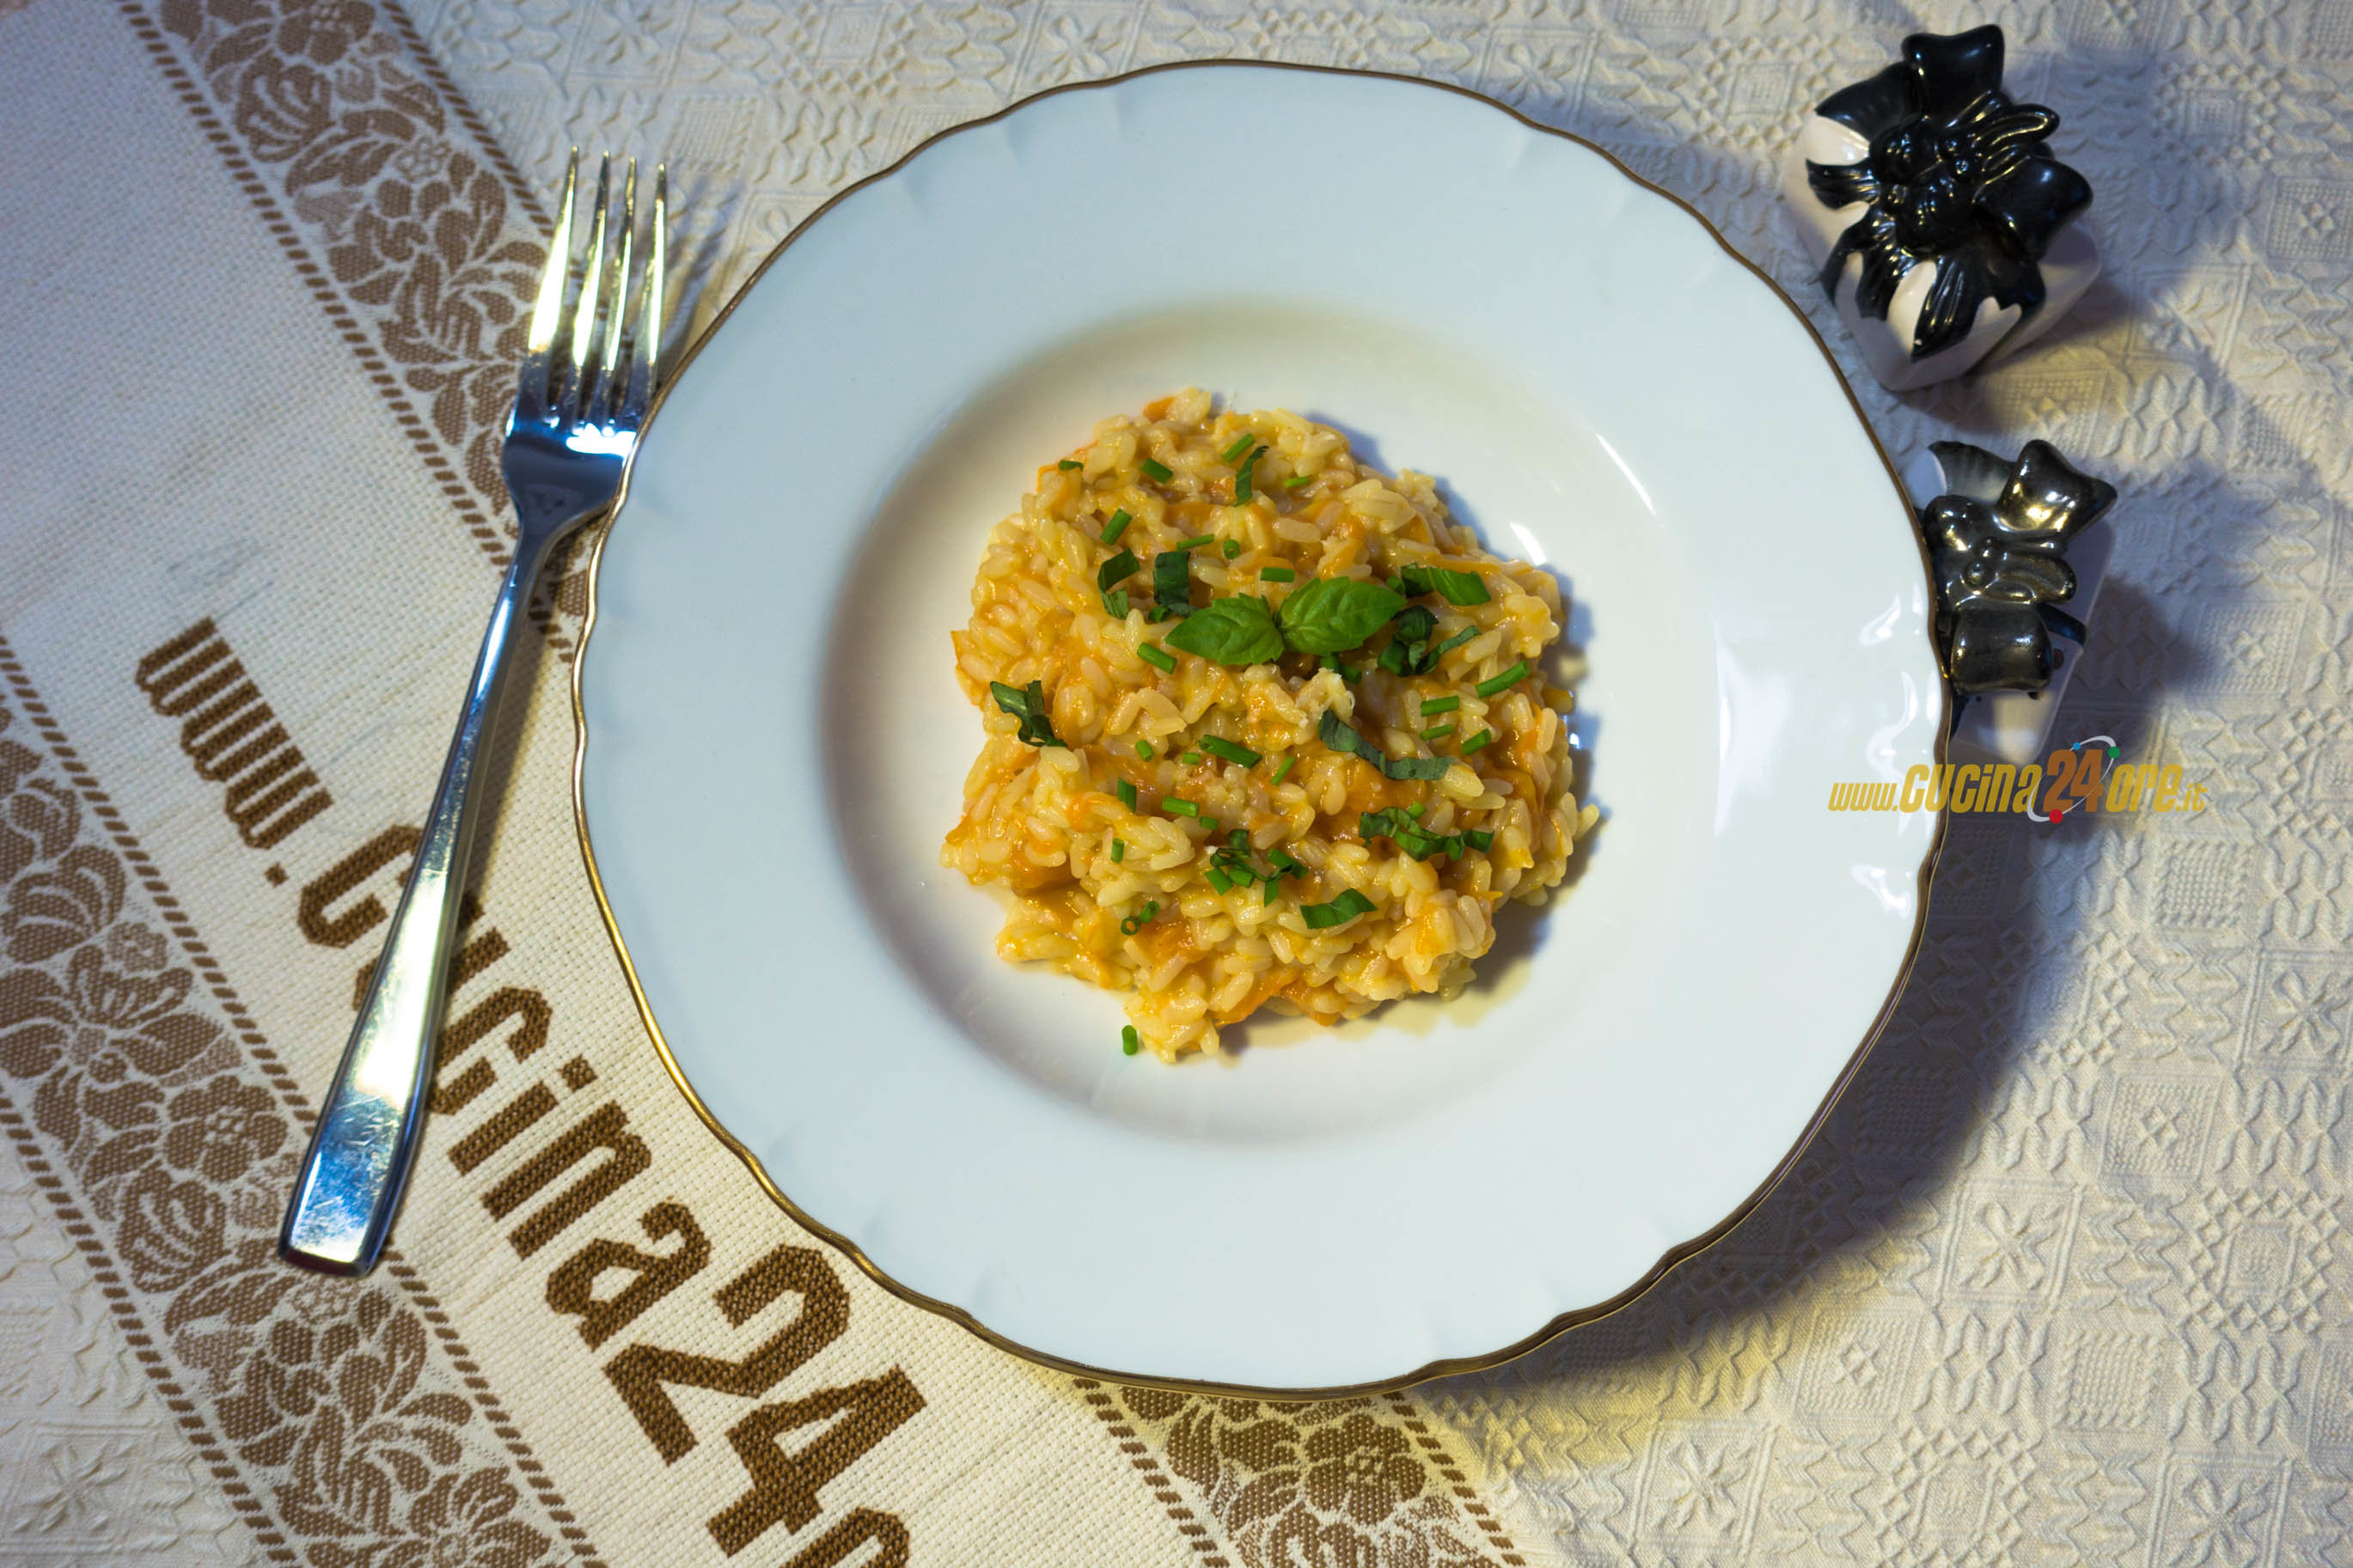 Risotto alla Zucca con Erbette – Ricetta Facile e Veloce per Halloween – Pumpkin Risotto with Herbs – Easy Halloween Recipe